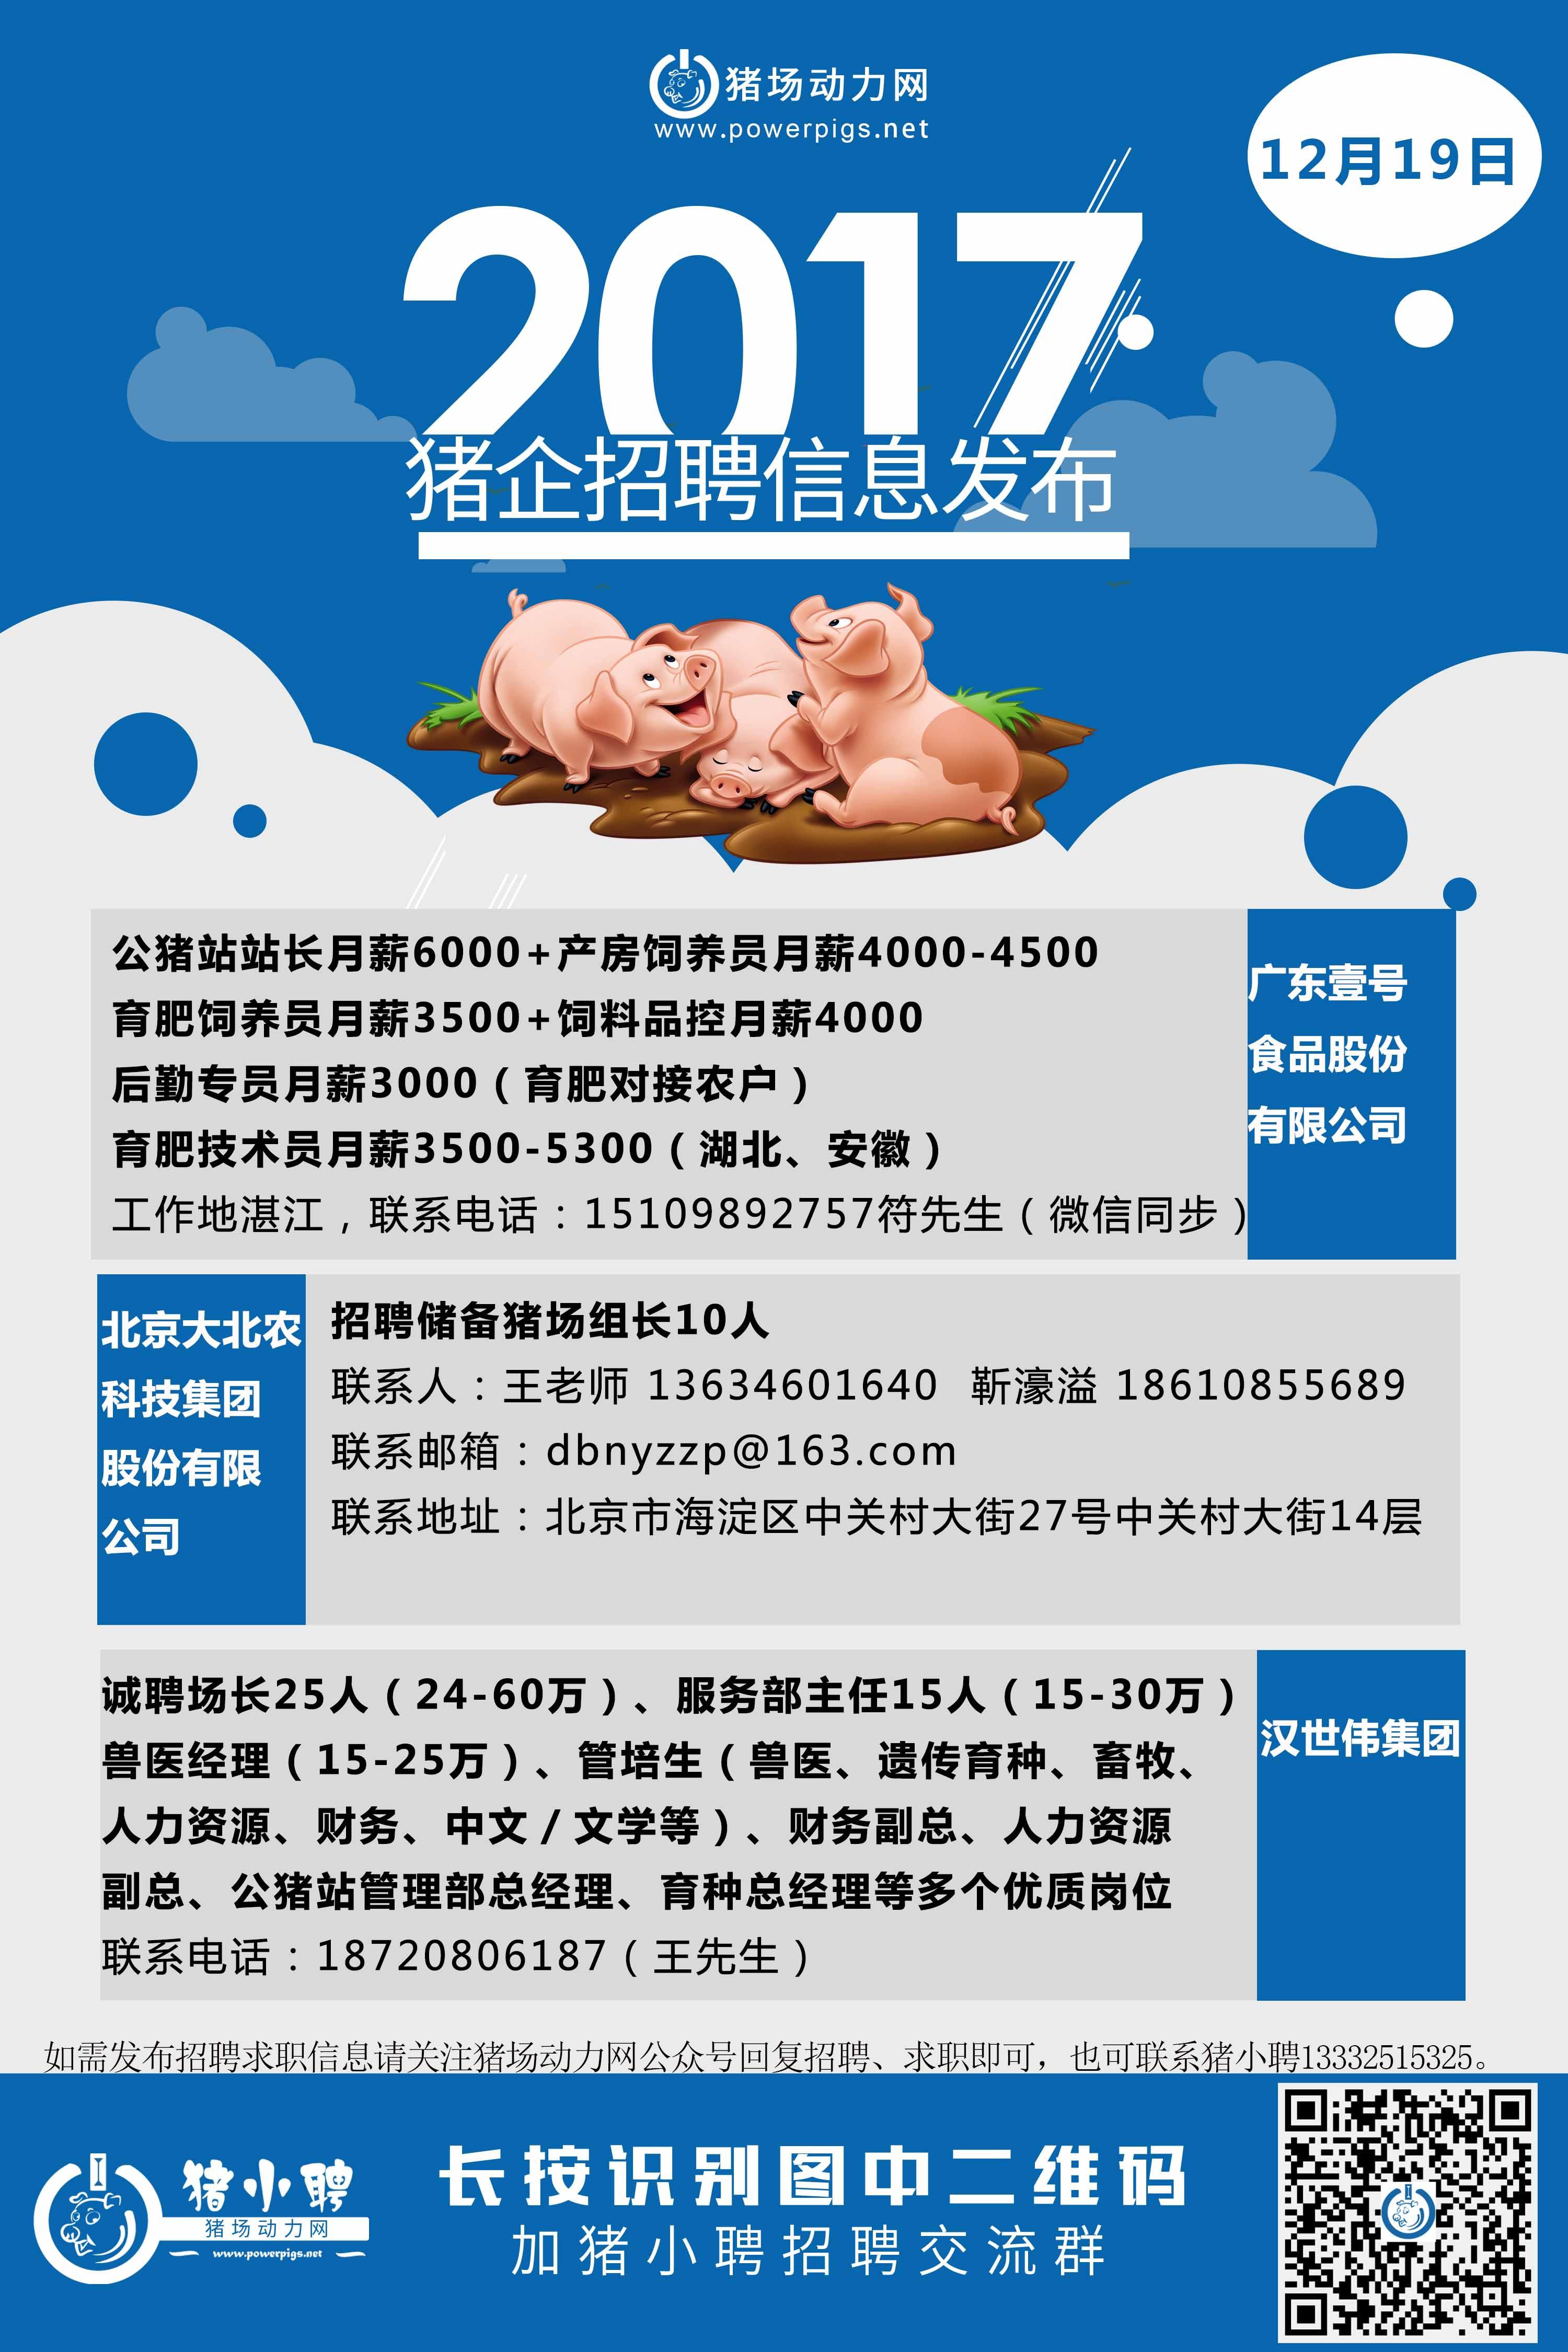 12.19日猪场招聘B.jpg